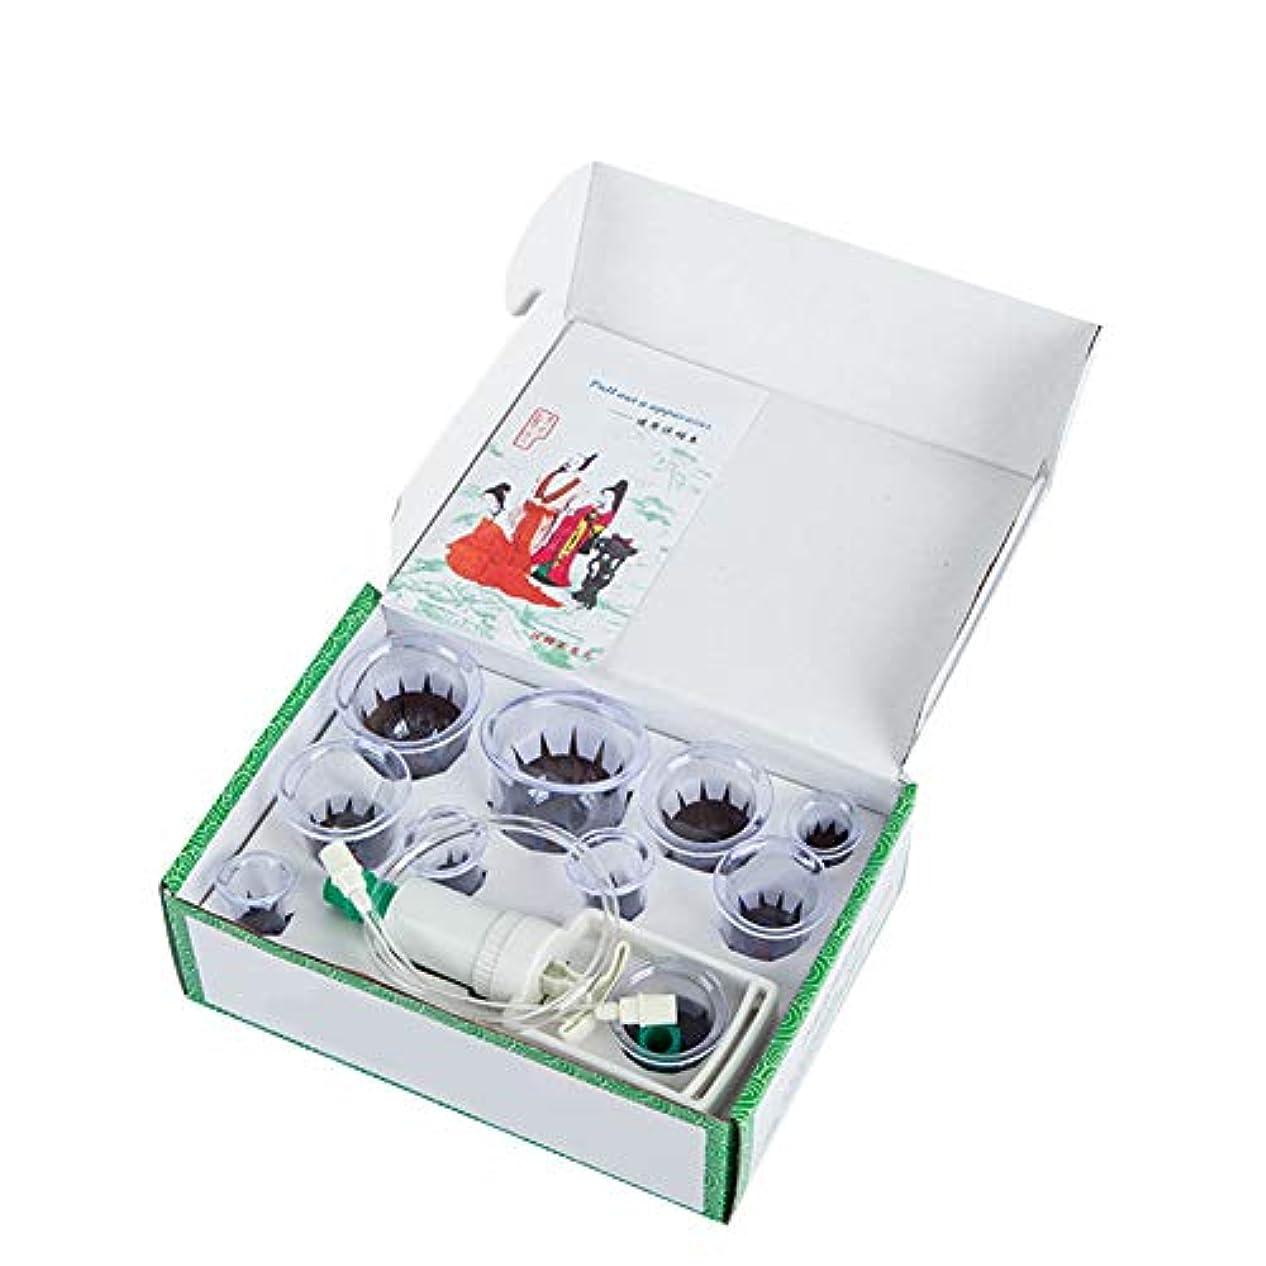 アーサーコナンドイル透ける髄10カップカッピングセットプラスチック、真空吸引中国式ツボ療法、ポンプ付きホーム、ボディマッサージ鎮痛理学療法排泄毒素